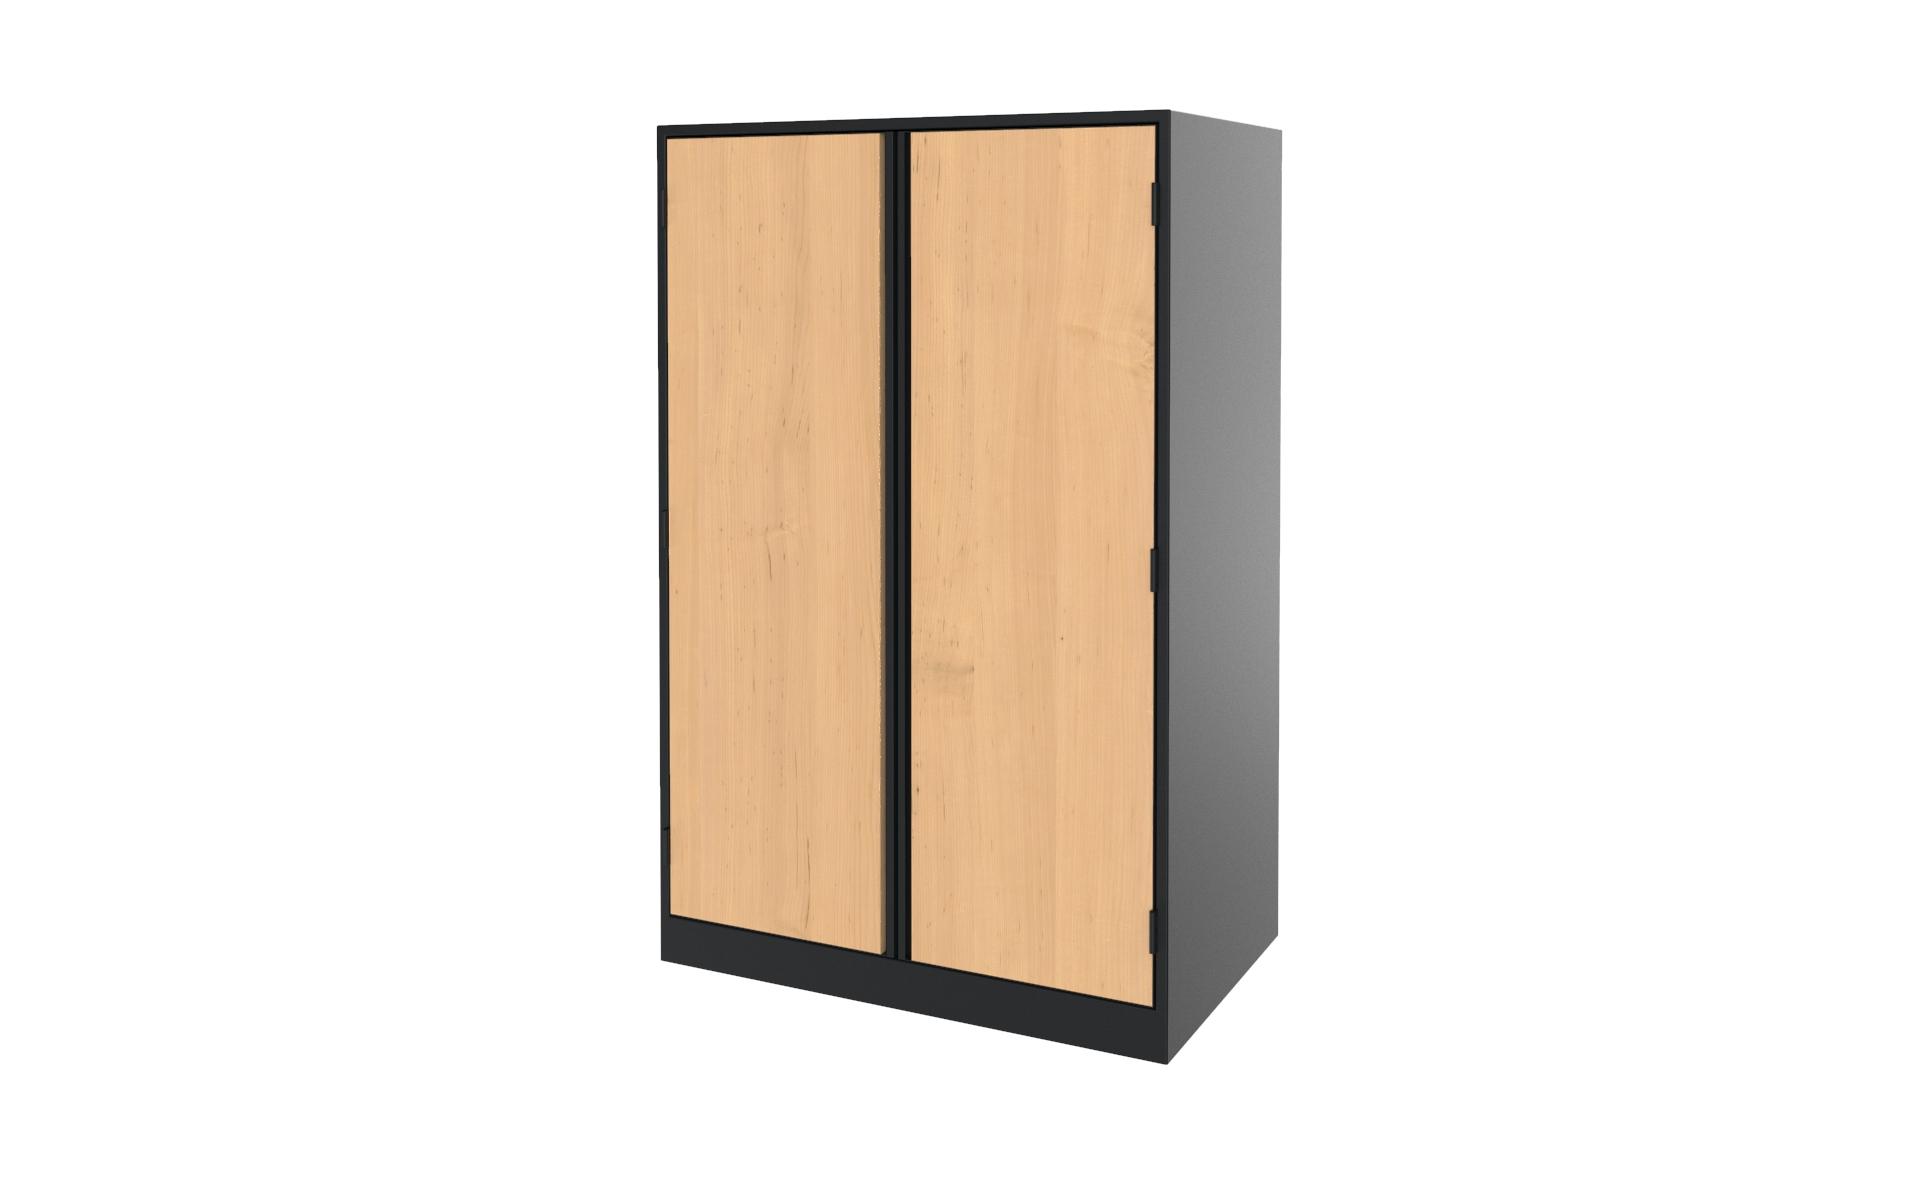 METAL 56 2 DOOR WARDROBE.1072.jpg